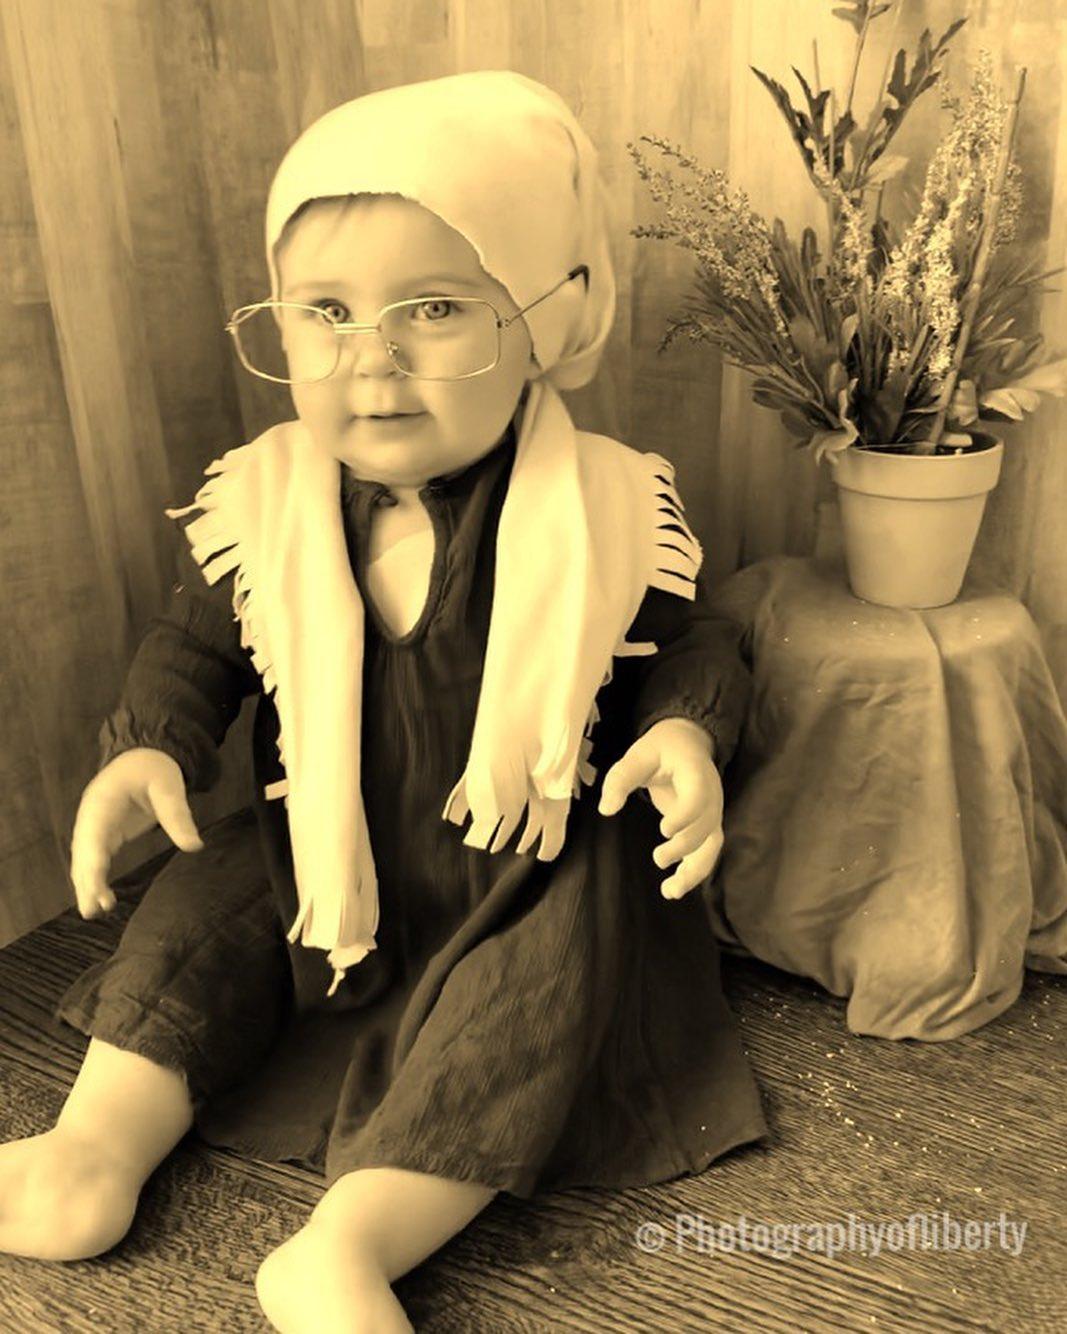 17 trasformazioni di Liberty, la bimba di 3 mesi che veste i panni di donne famose